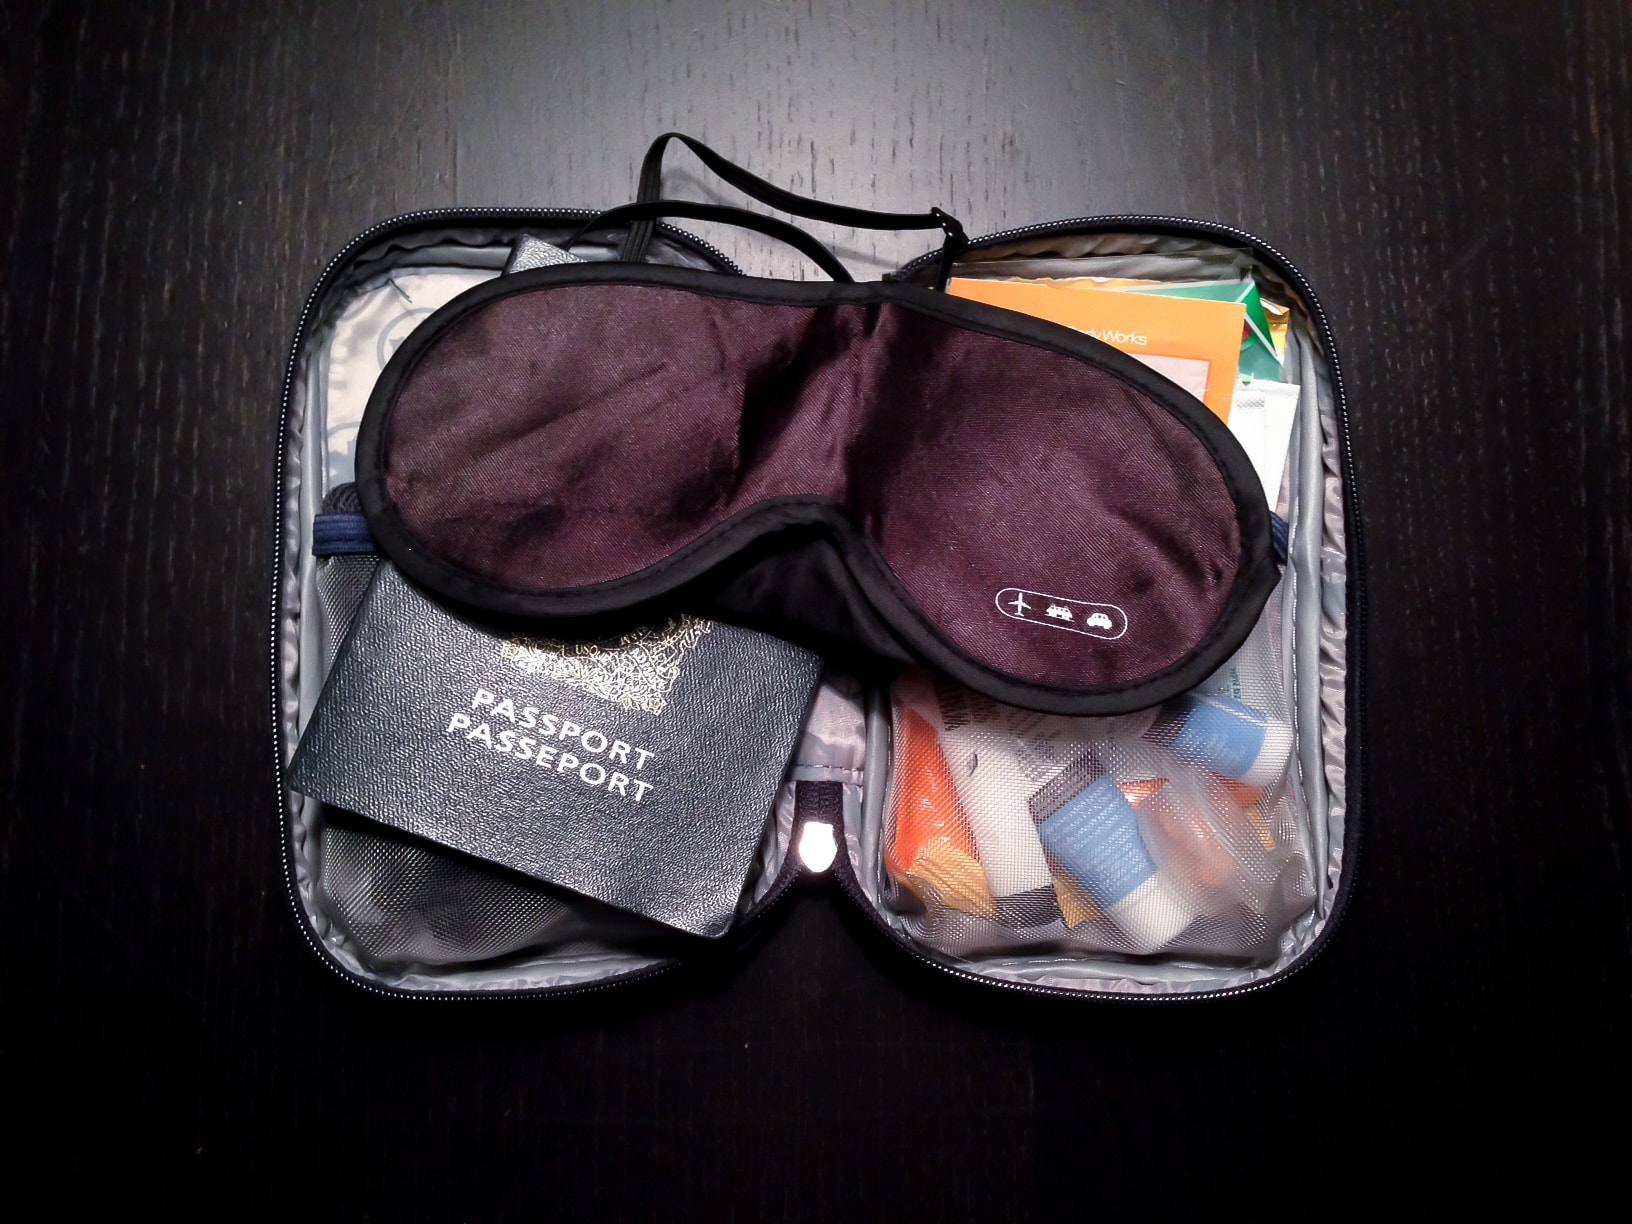 Kit de viaje para combatir el jet lag